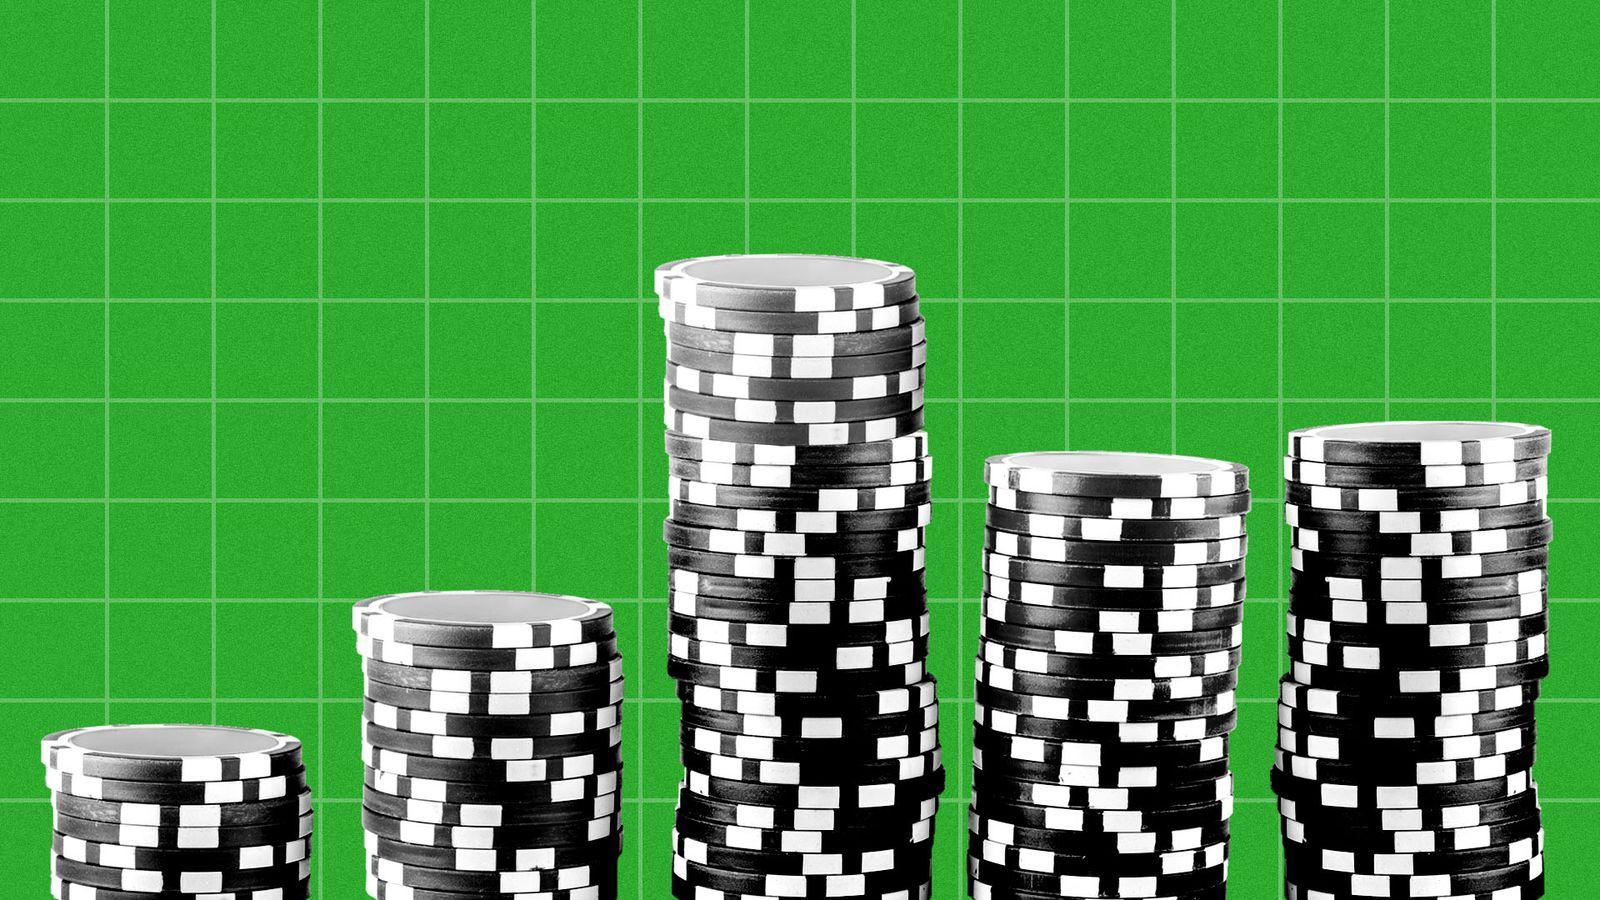 Легалізація грального бізнесу та її перспективи для фінтеху